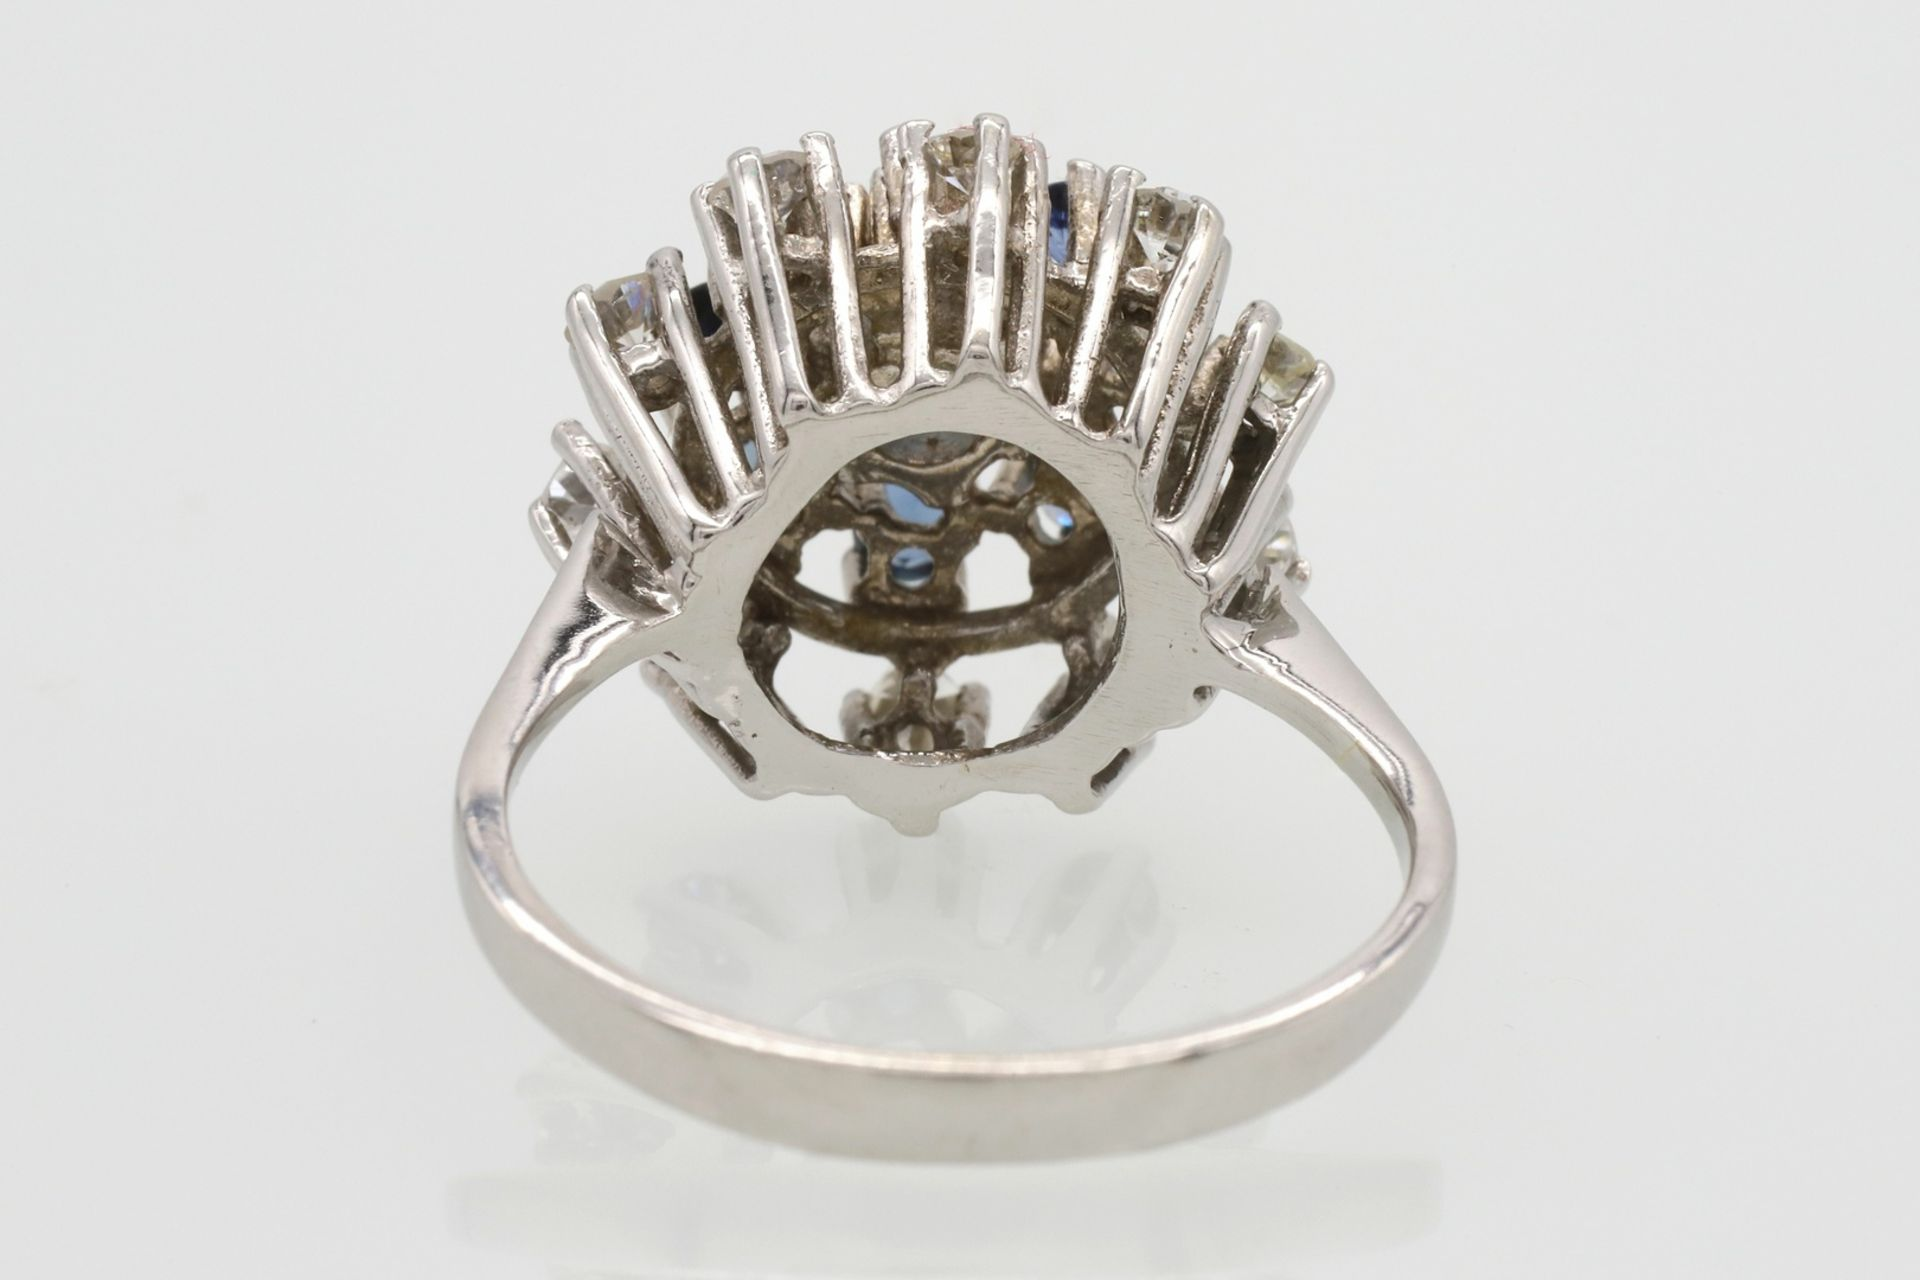 Entourage-Ring besetzt mit Saphir, Topasen und Diamanten - Bild 5 aus 5